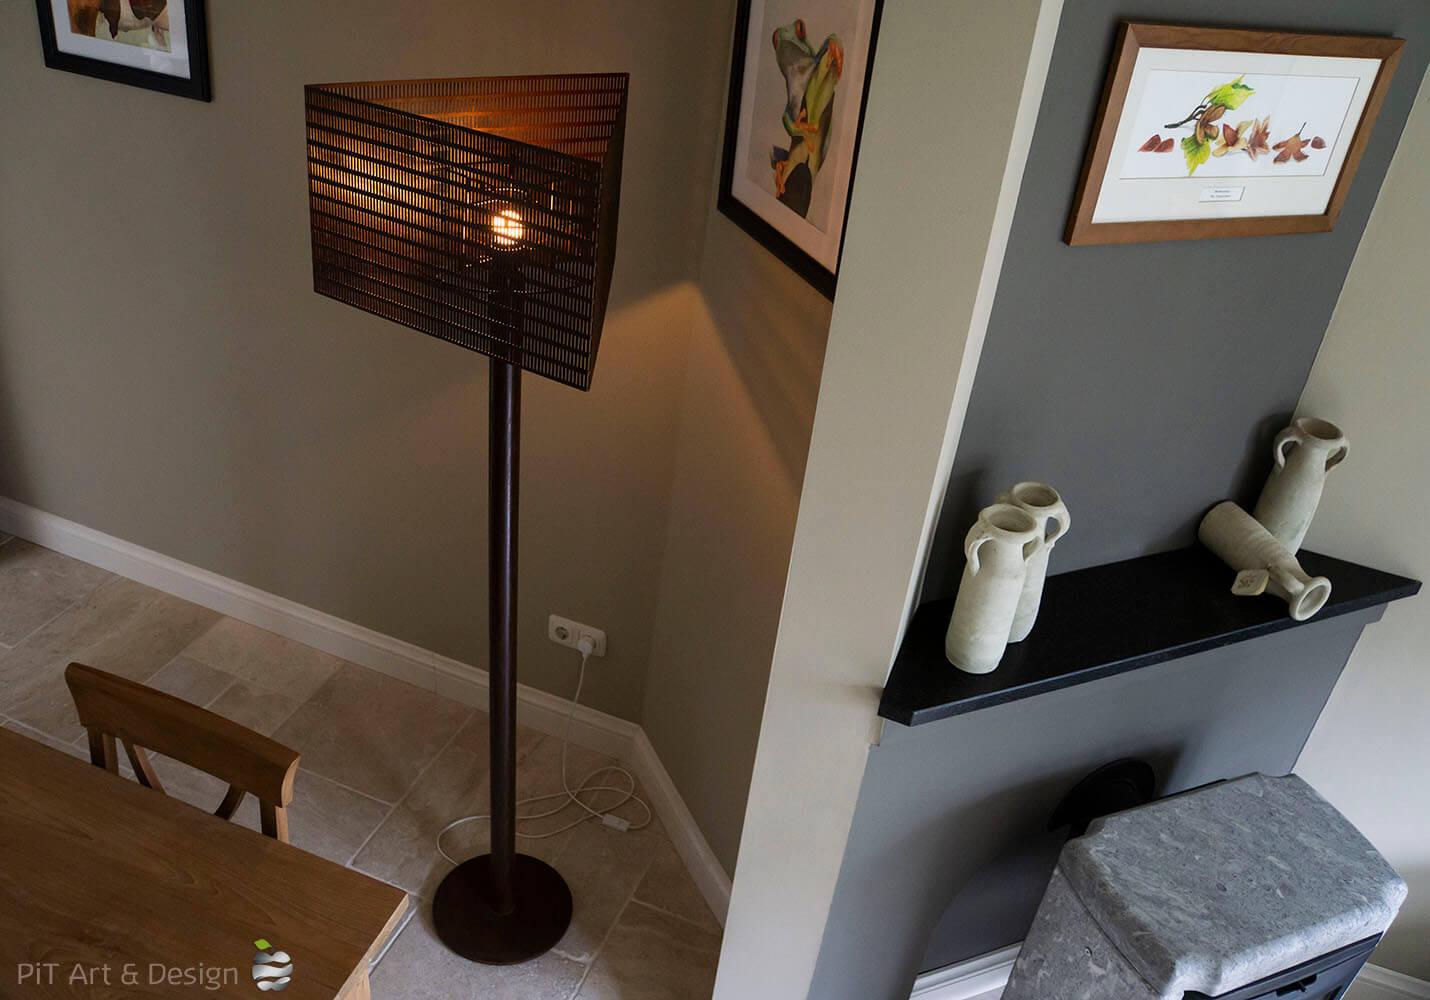 Lamps pim timmermans